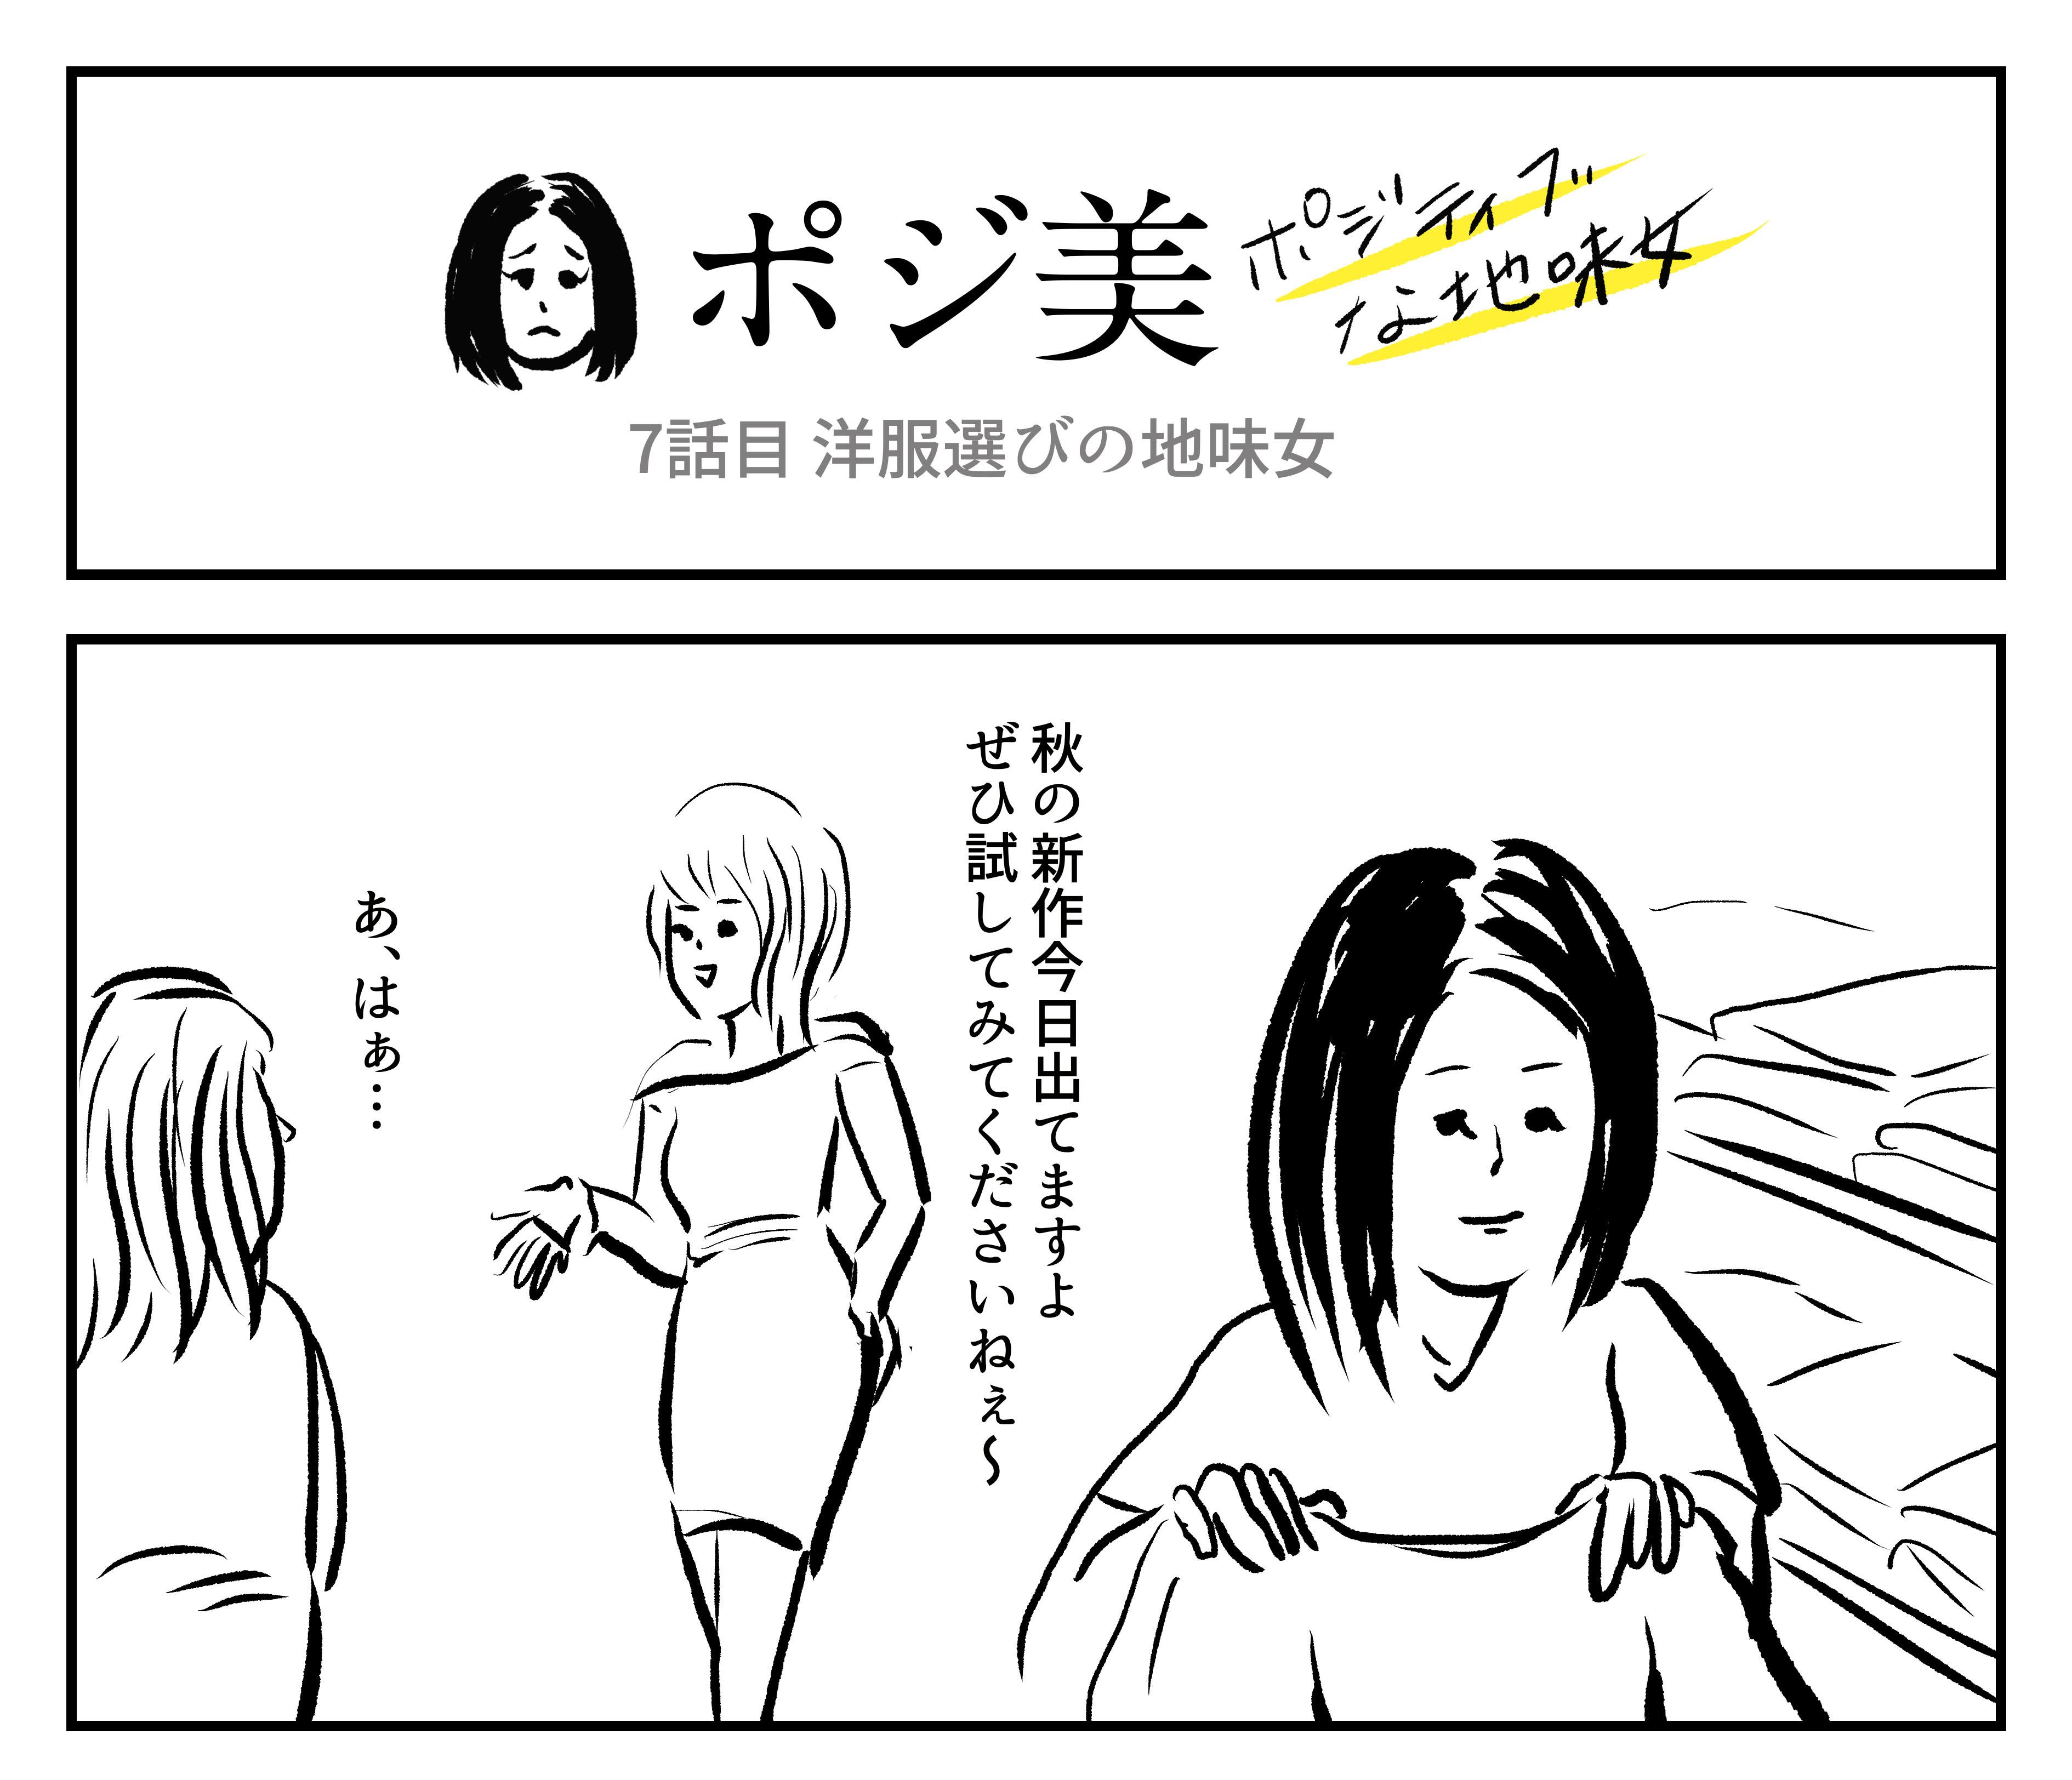 【2コマ】ポジ美 7話目「洋服選びの地味女」